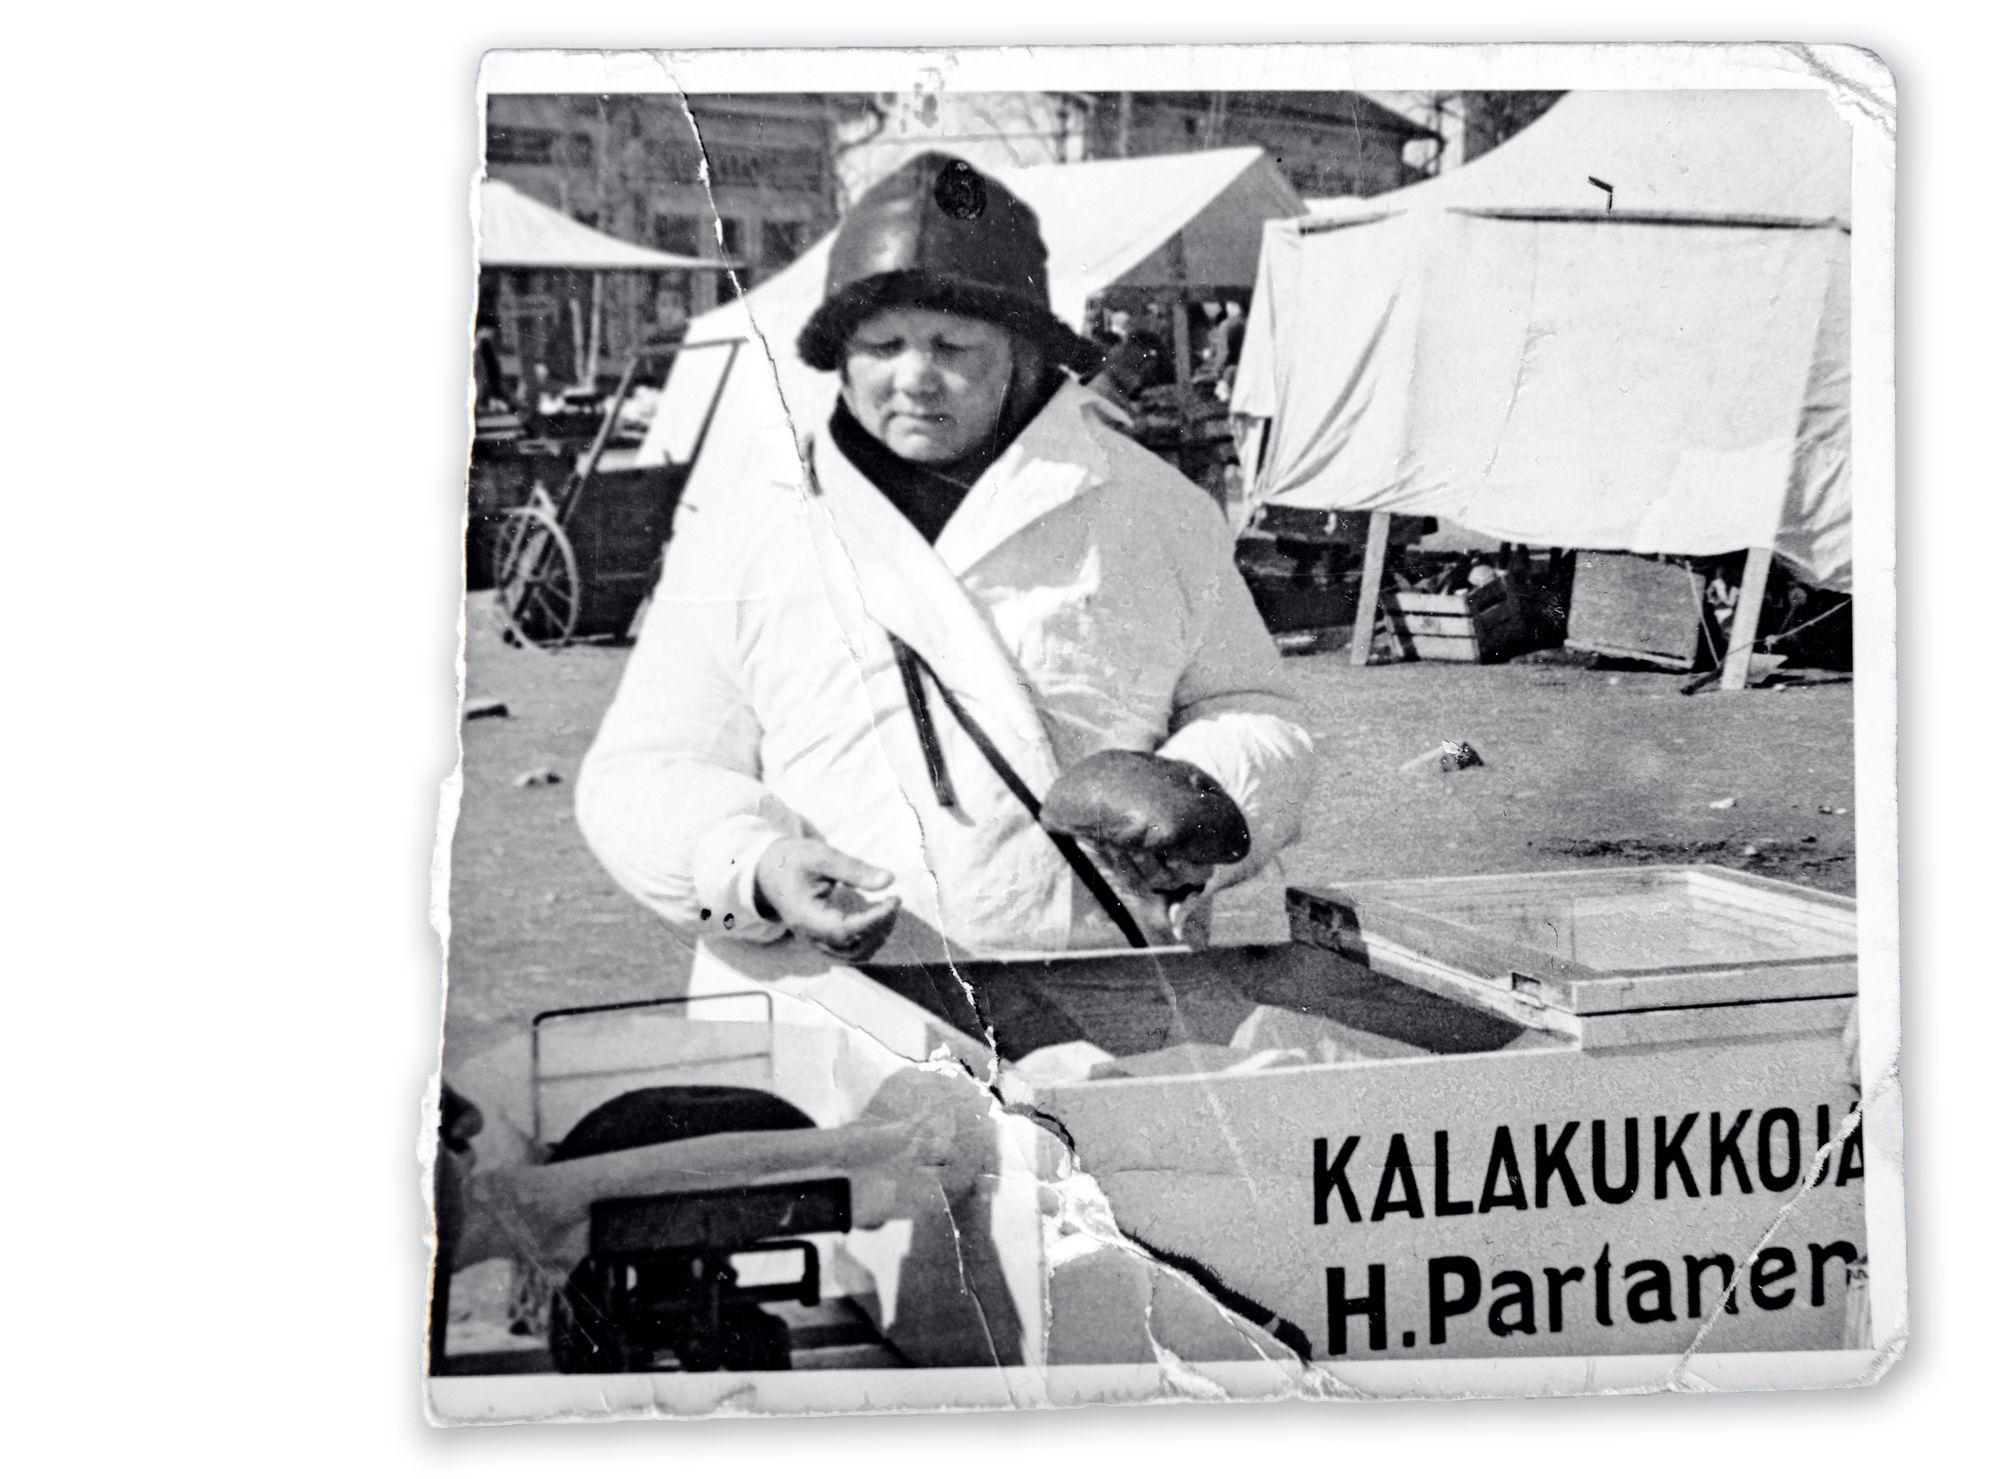 Hanna Partanen oli parhaimmillaan leipojana ja torimyyjänä. Yrityksen johtotehtäviin hän ei tuntenut intohimoa, mutta yritti hoitaa ne parhaan kykynsä mukaan. © Hanna Partasen arkisto